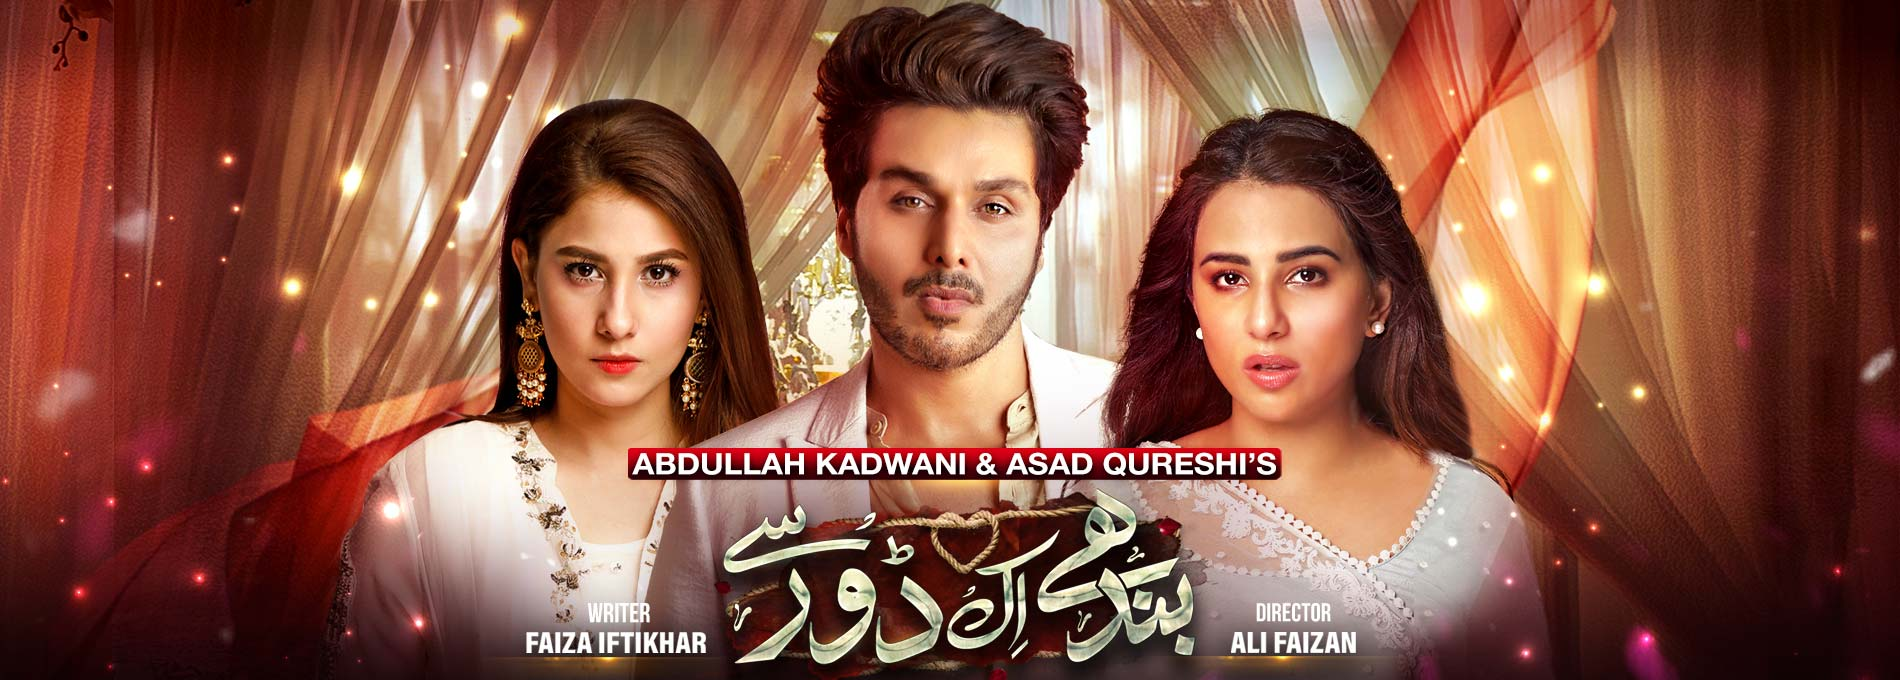 Объединенные одной нитью / Bandhay Aik Dor Say (2020) Пакистан